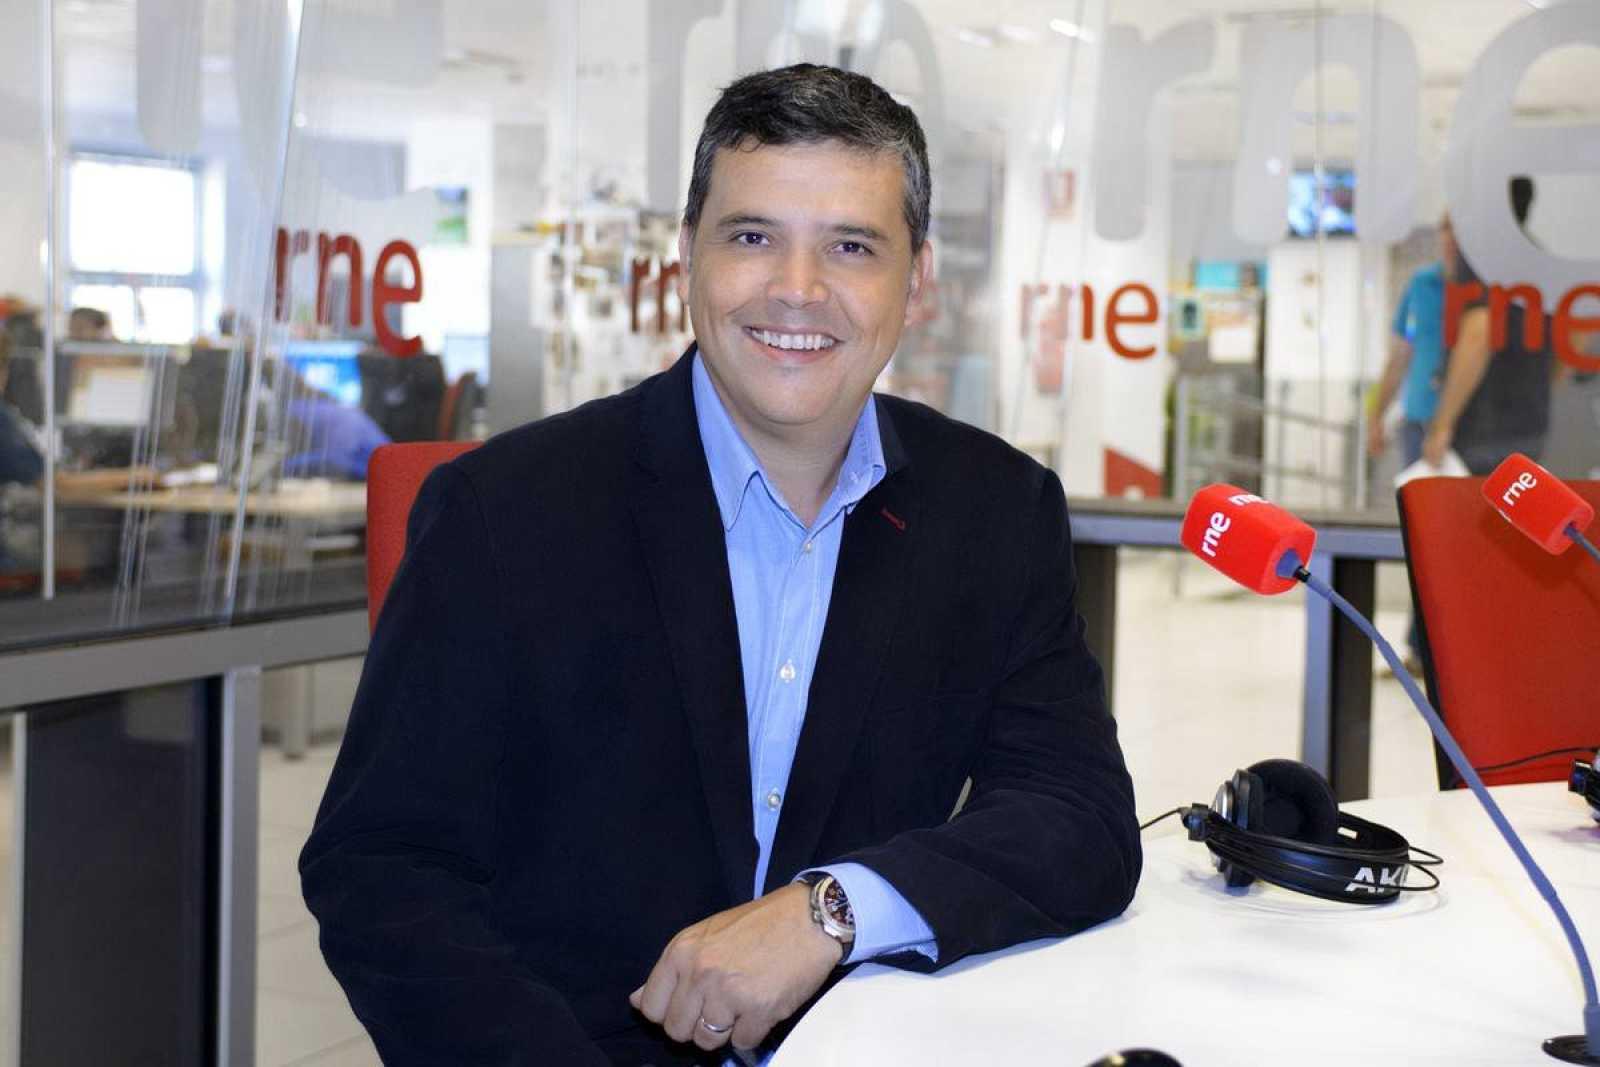 El director y presentador de 'Las mañanas de RNE', Alfredo Menéndez